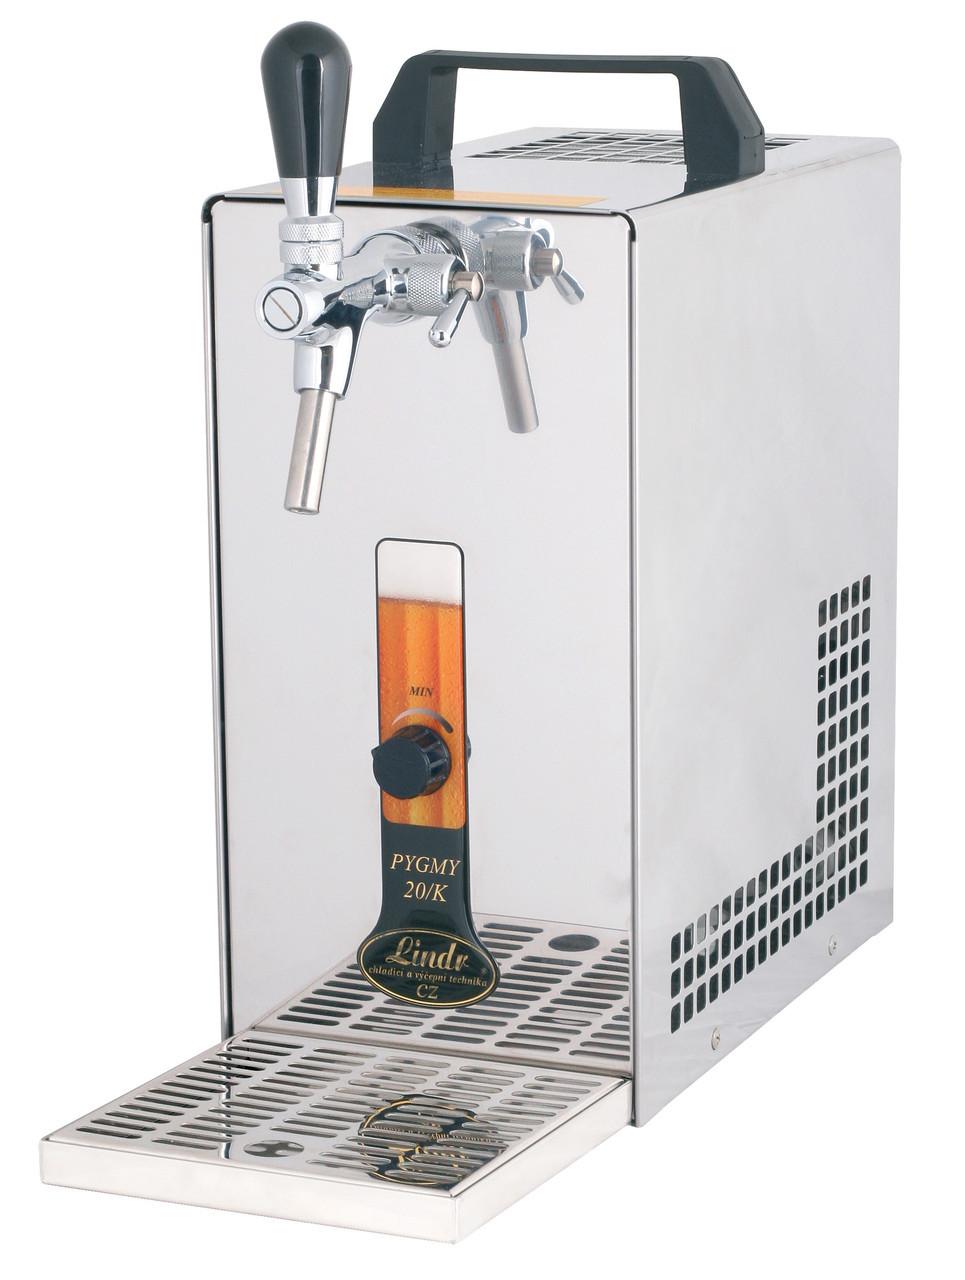 Охладитель напитков надстоечный сухой Pygmy 25/K Exclusive (25 л/ч) насос+1 кран Lindr Чехия